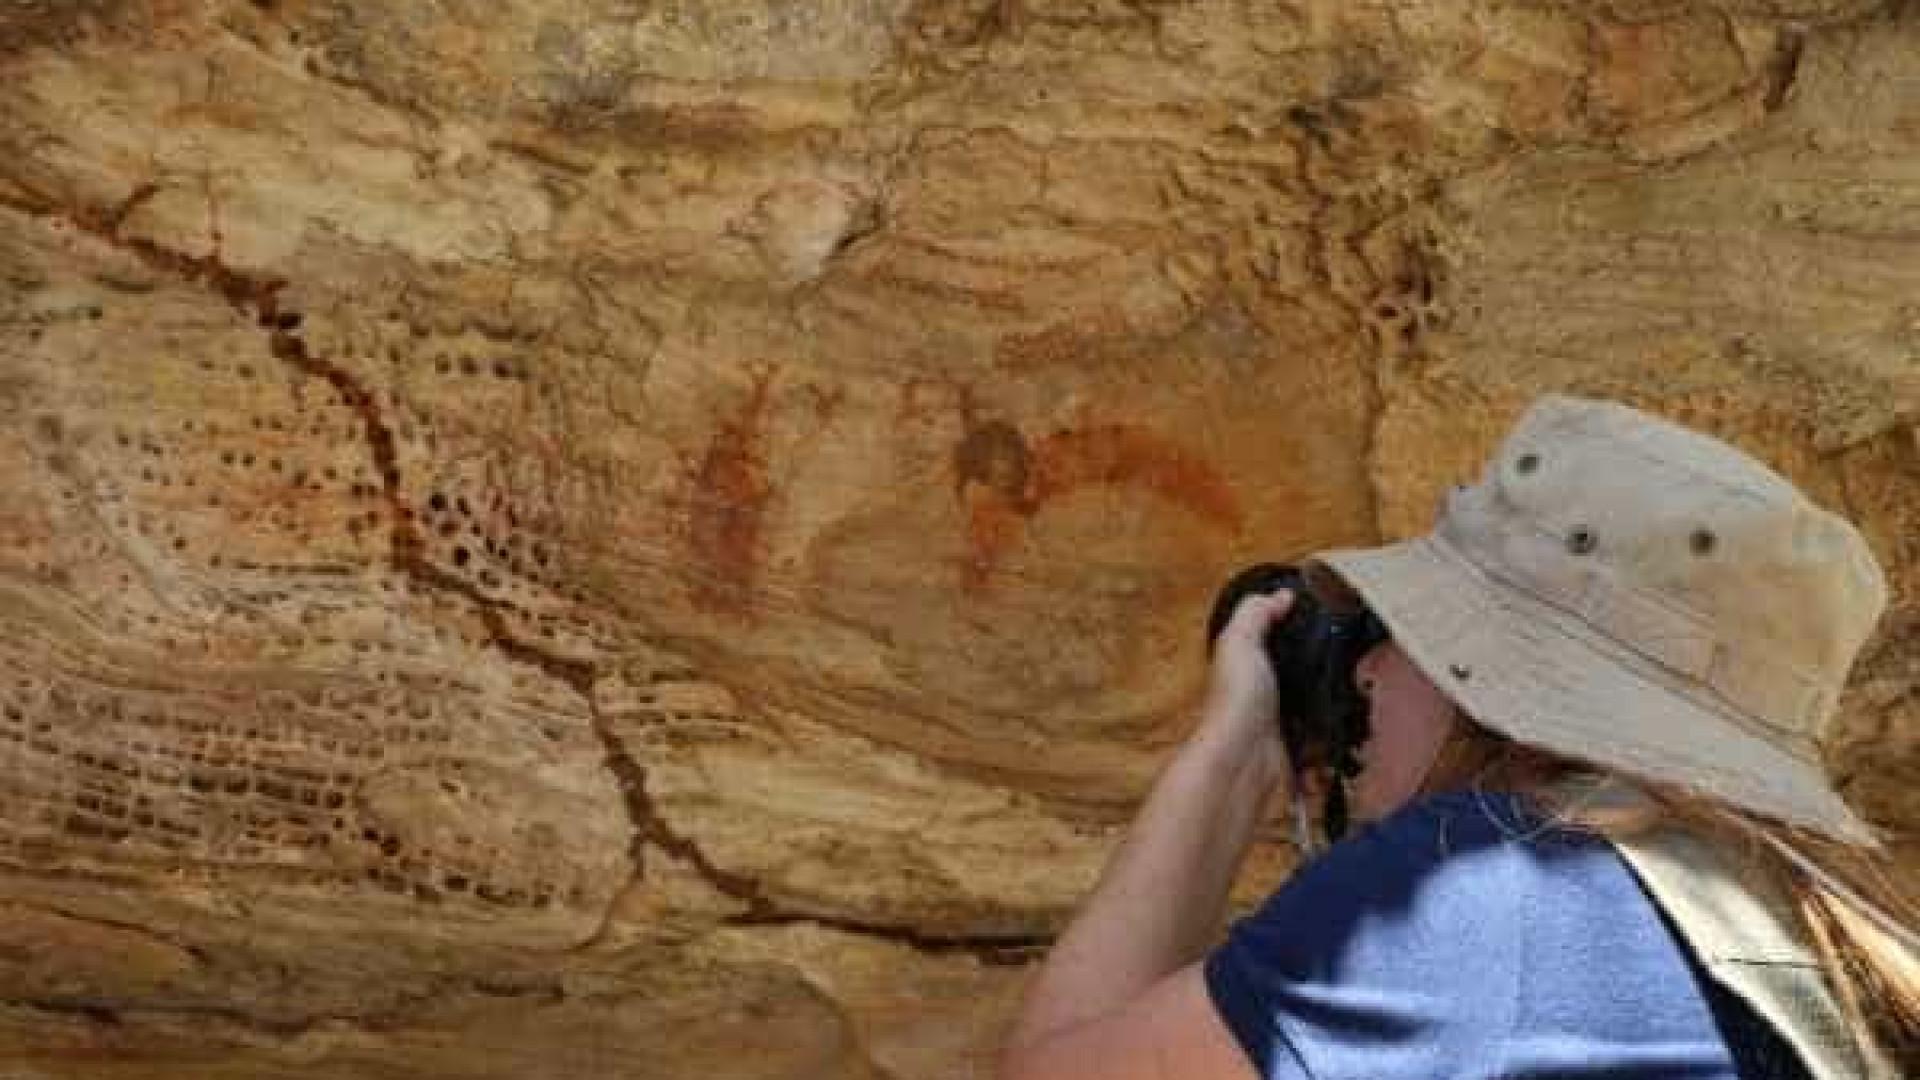 Descobertas pinturas pré-históricas às margens do rio São Francisco